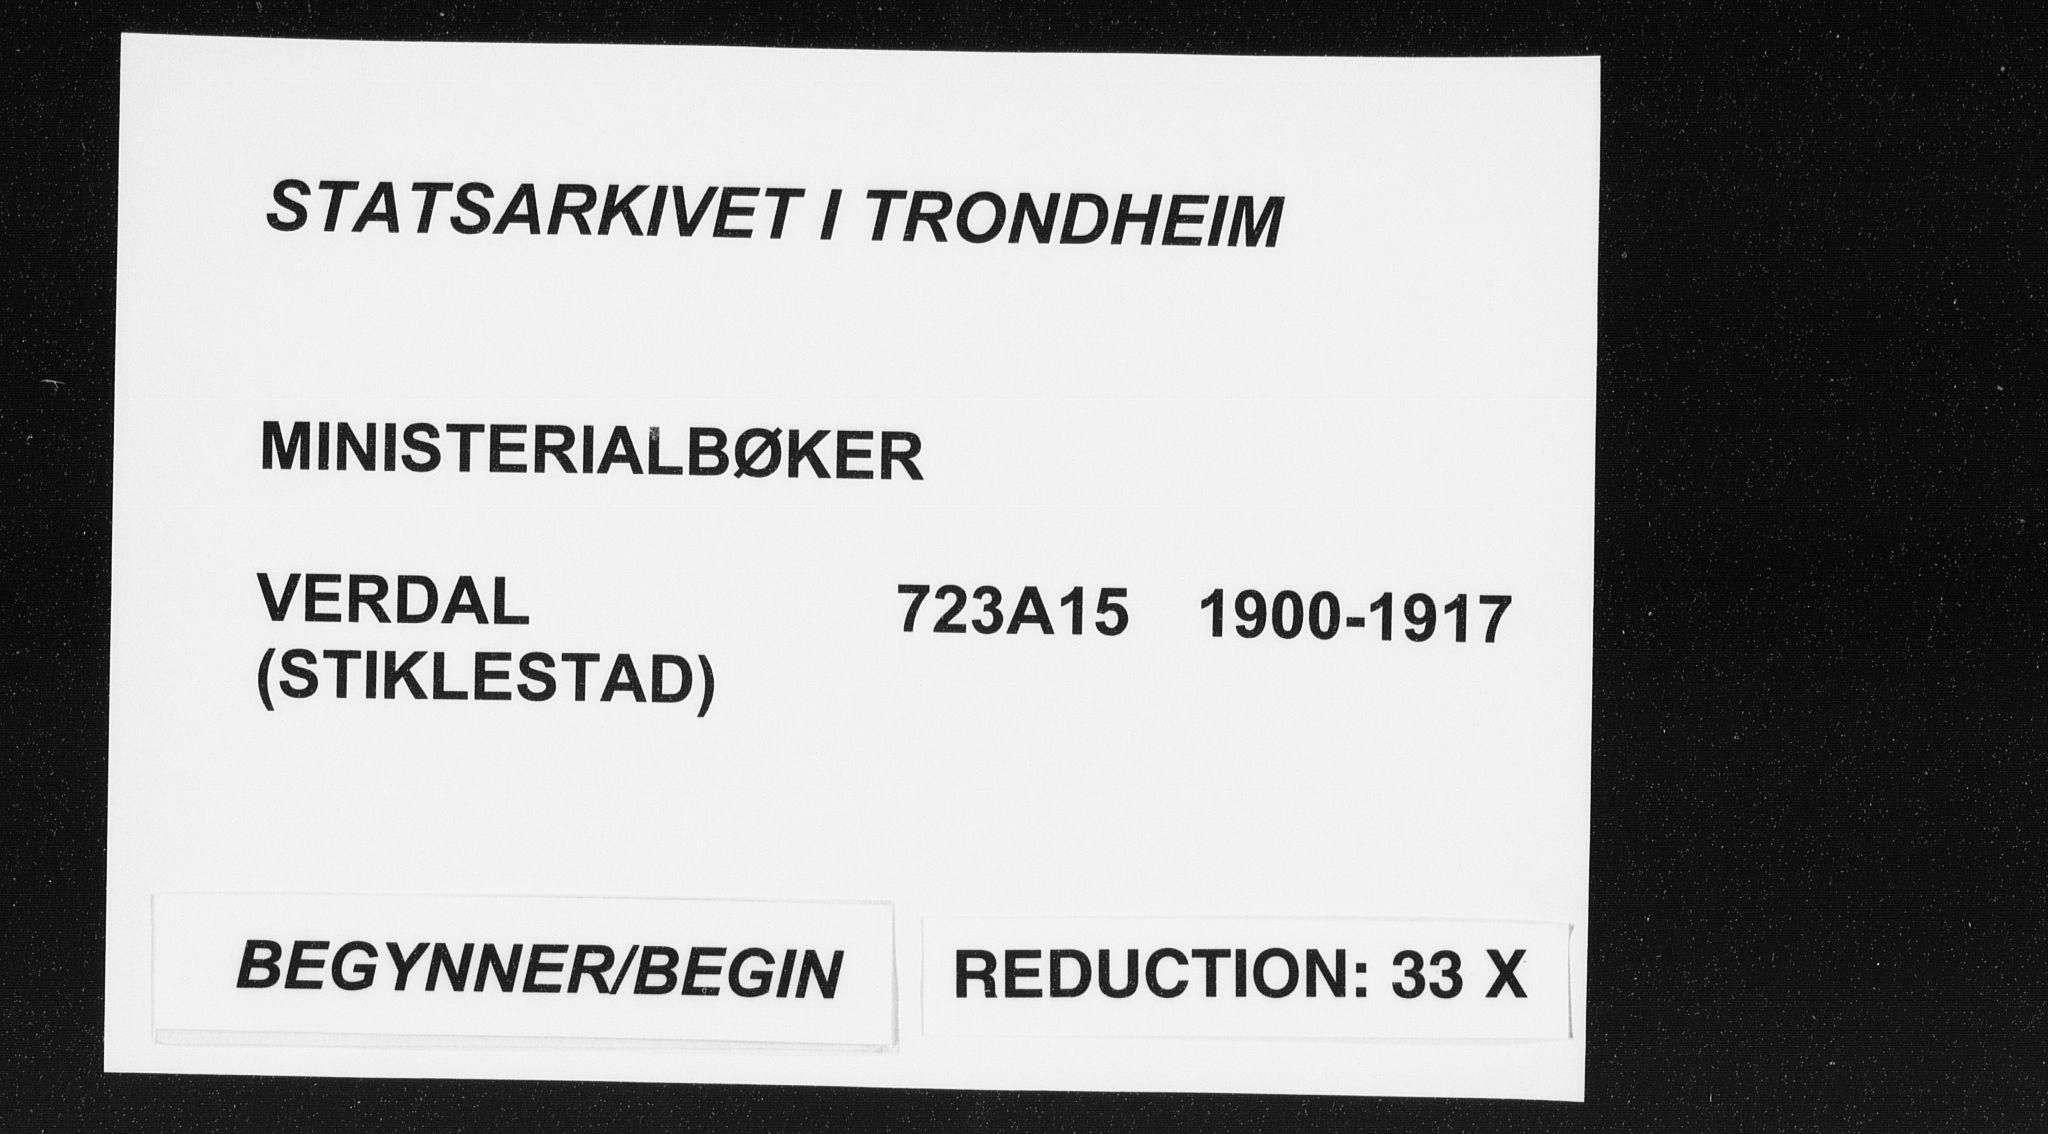 SAT, Ministerialprotokoller, klokkerbøker og fødselsregistre - Nord-Trøndelag, 723/L0246: Ministerialbok nr. 723A15, 1900-1917